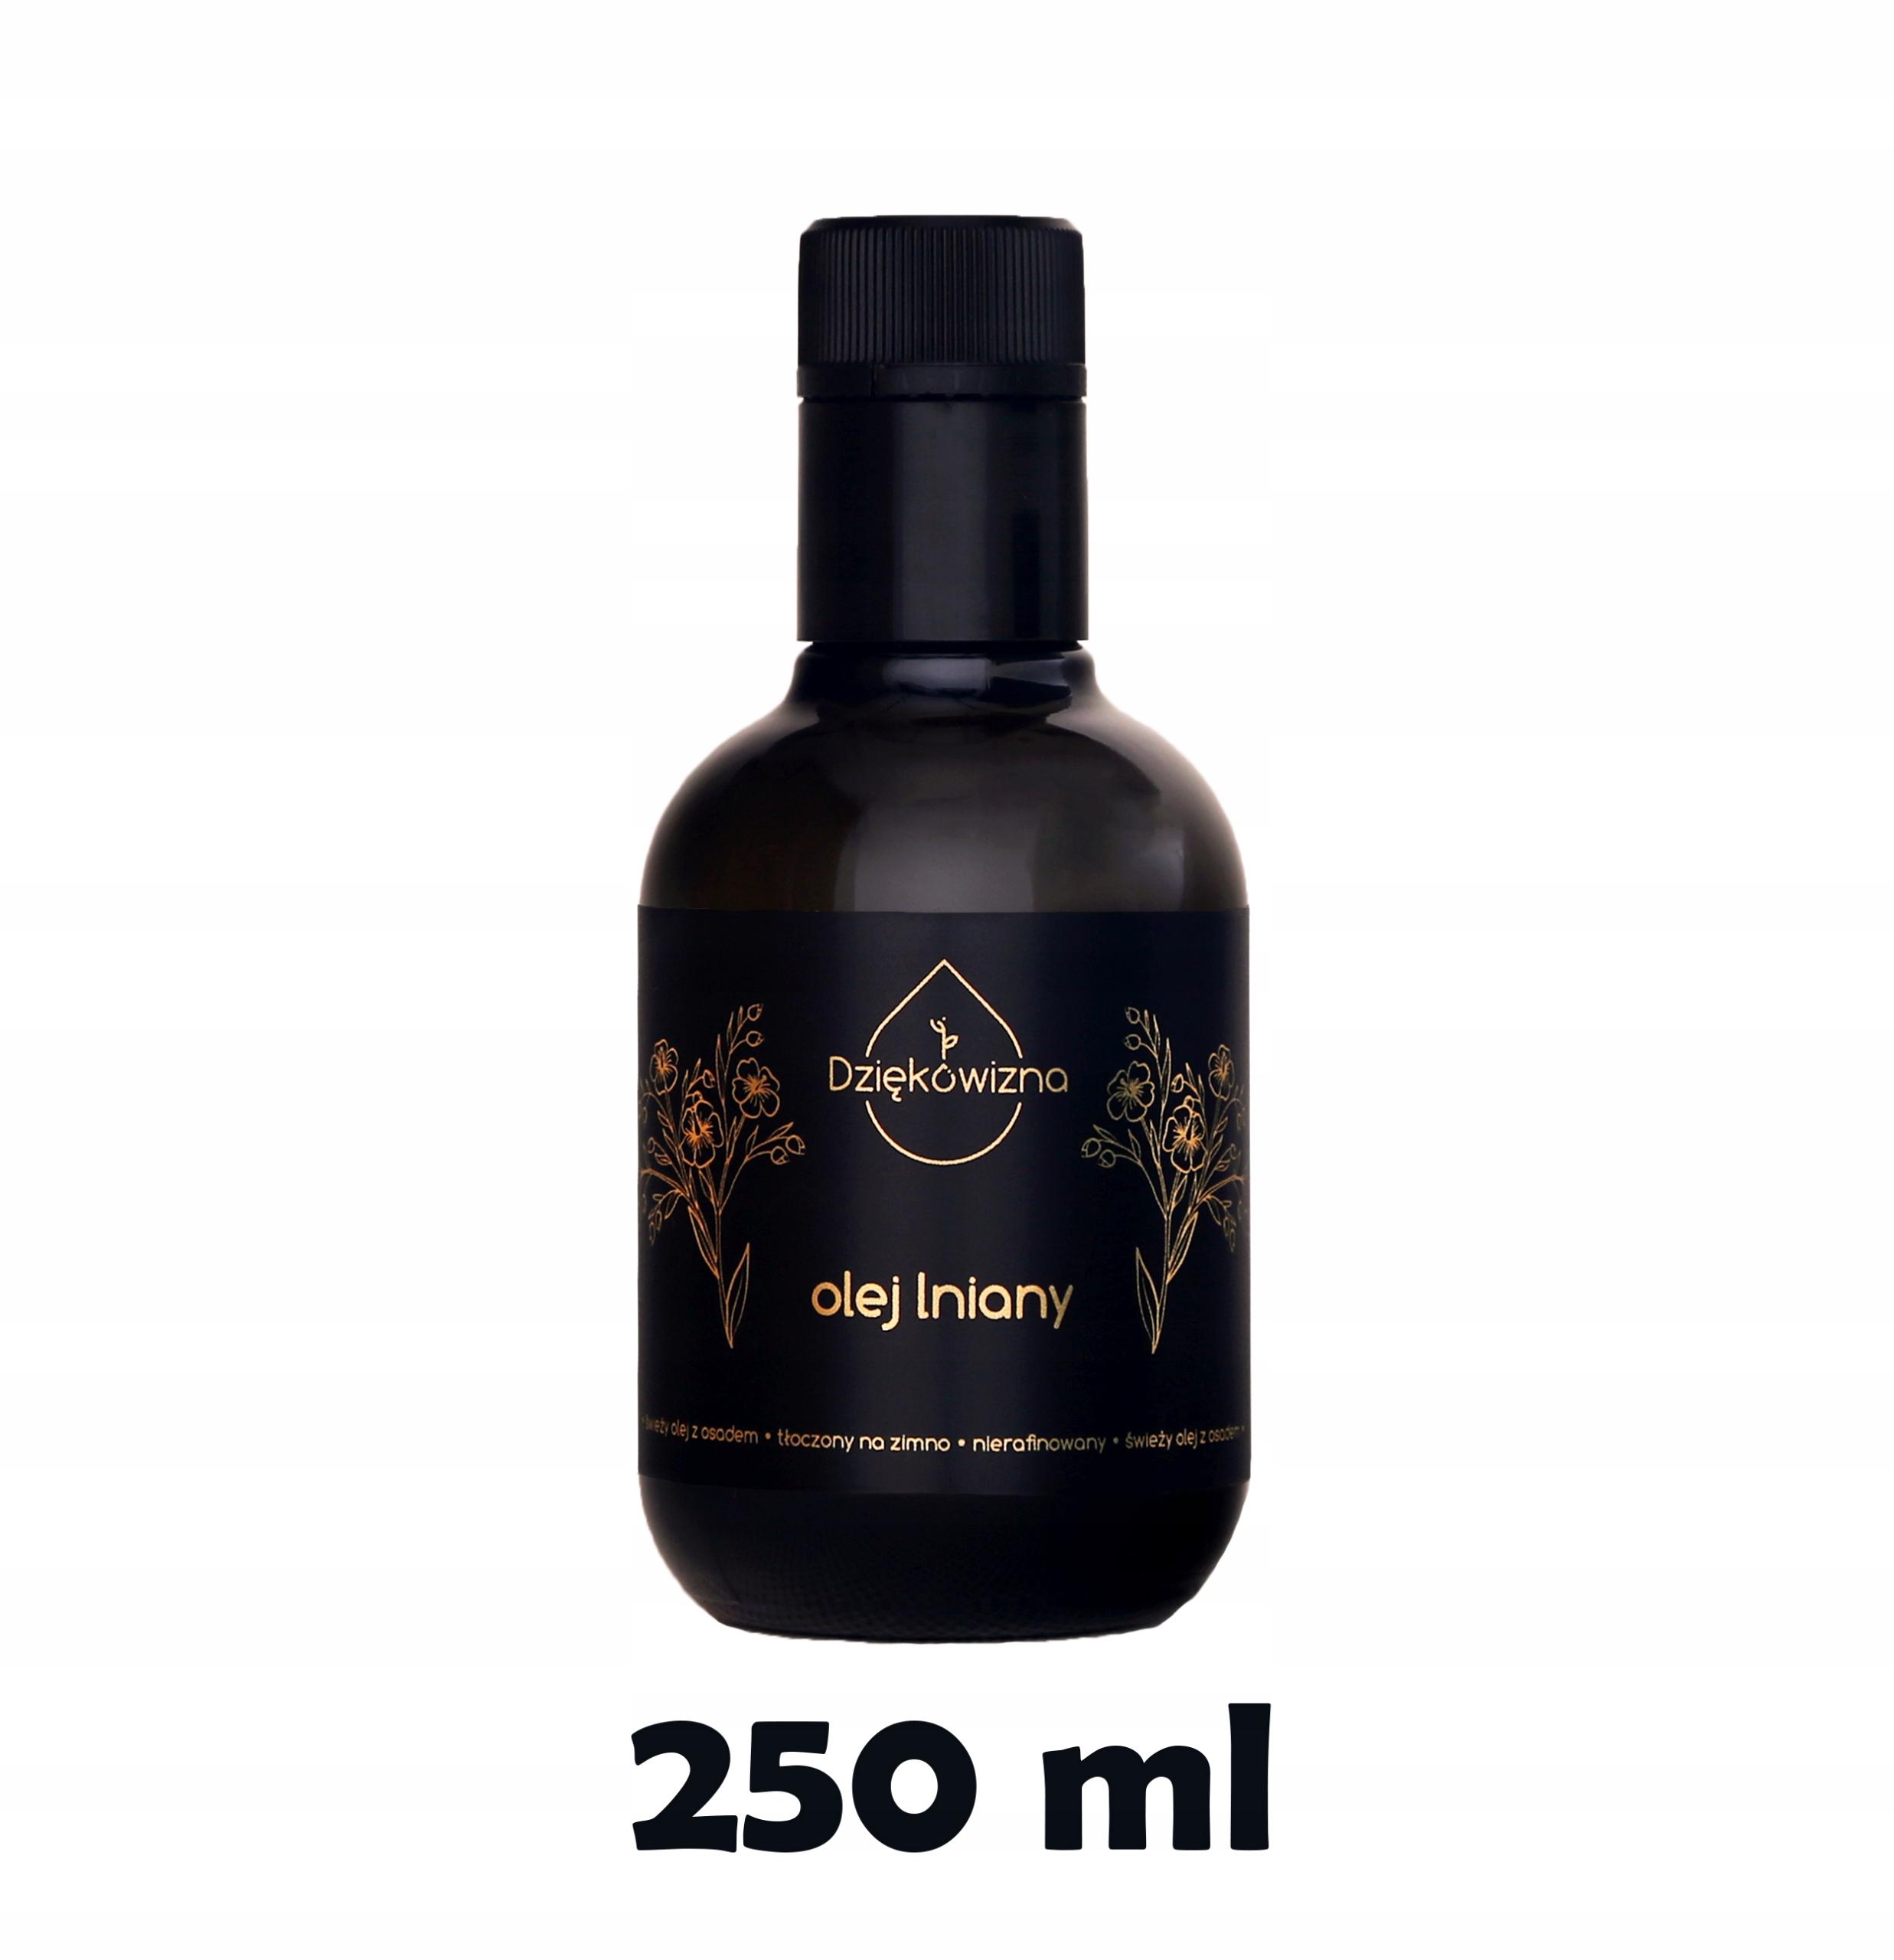 Льняное масло 250 мл - холодного отжима, budwig